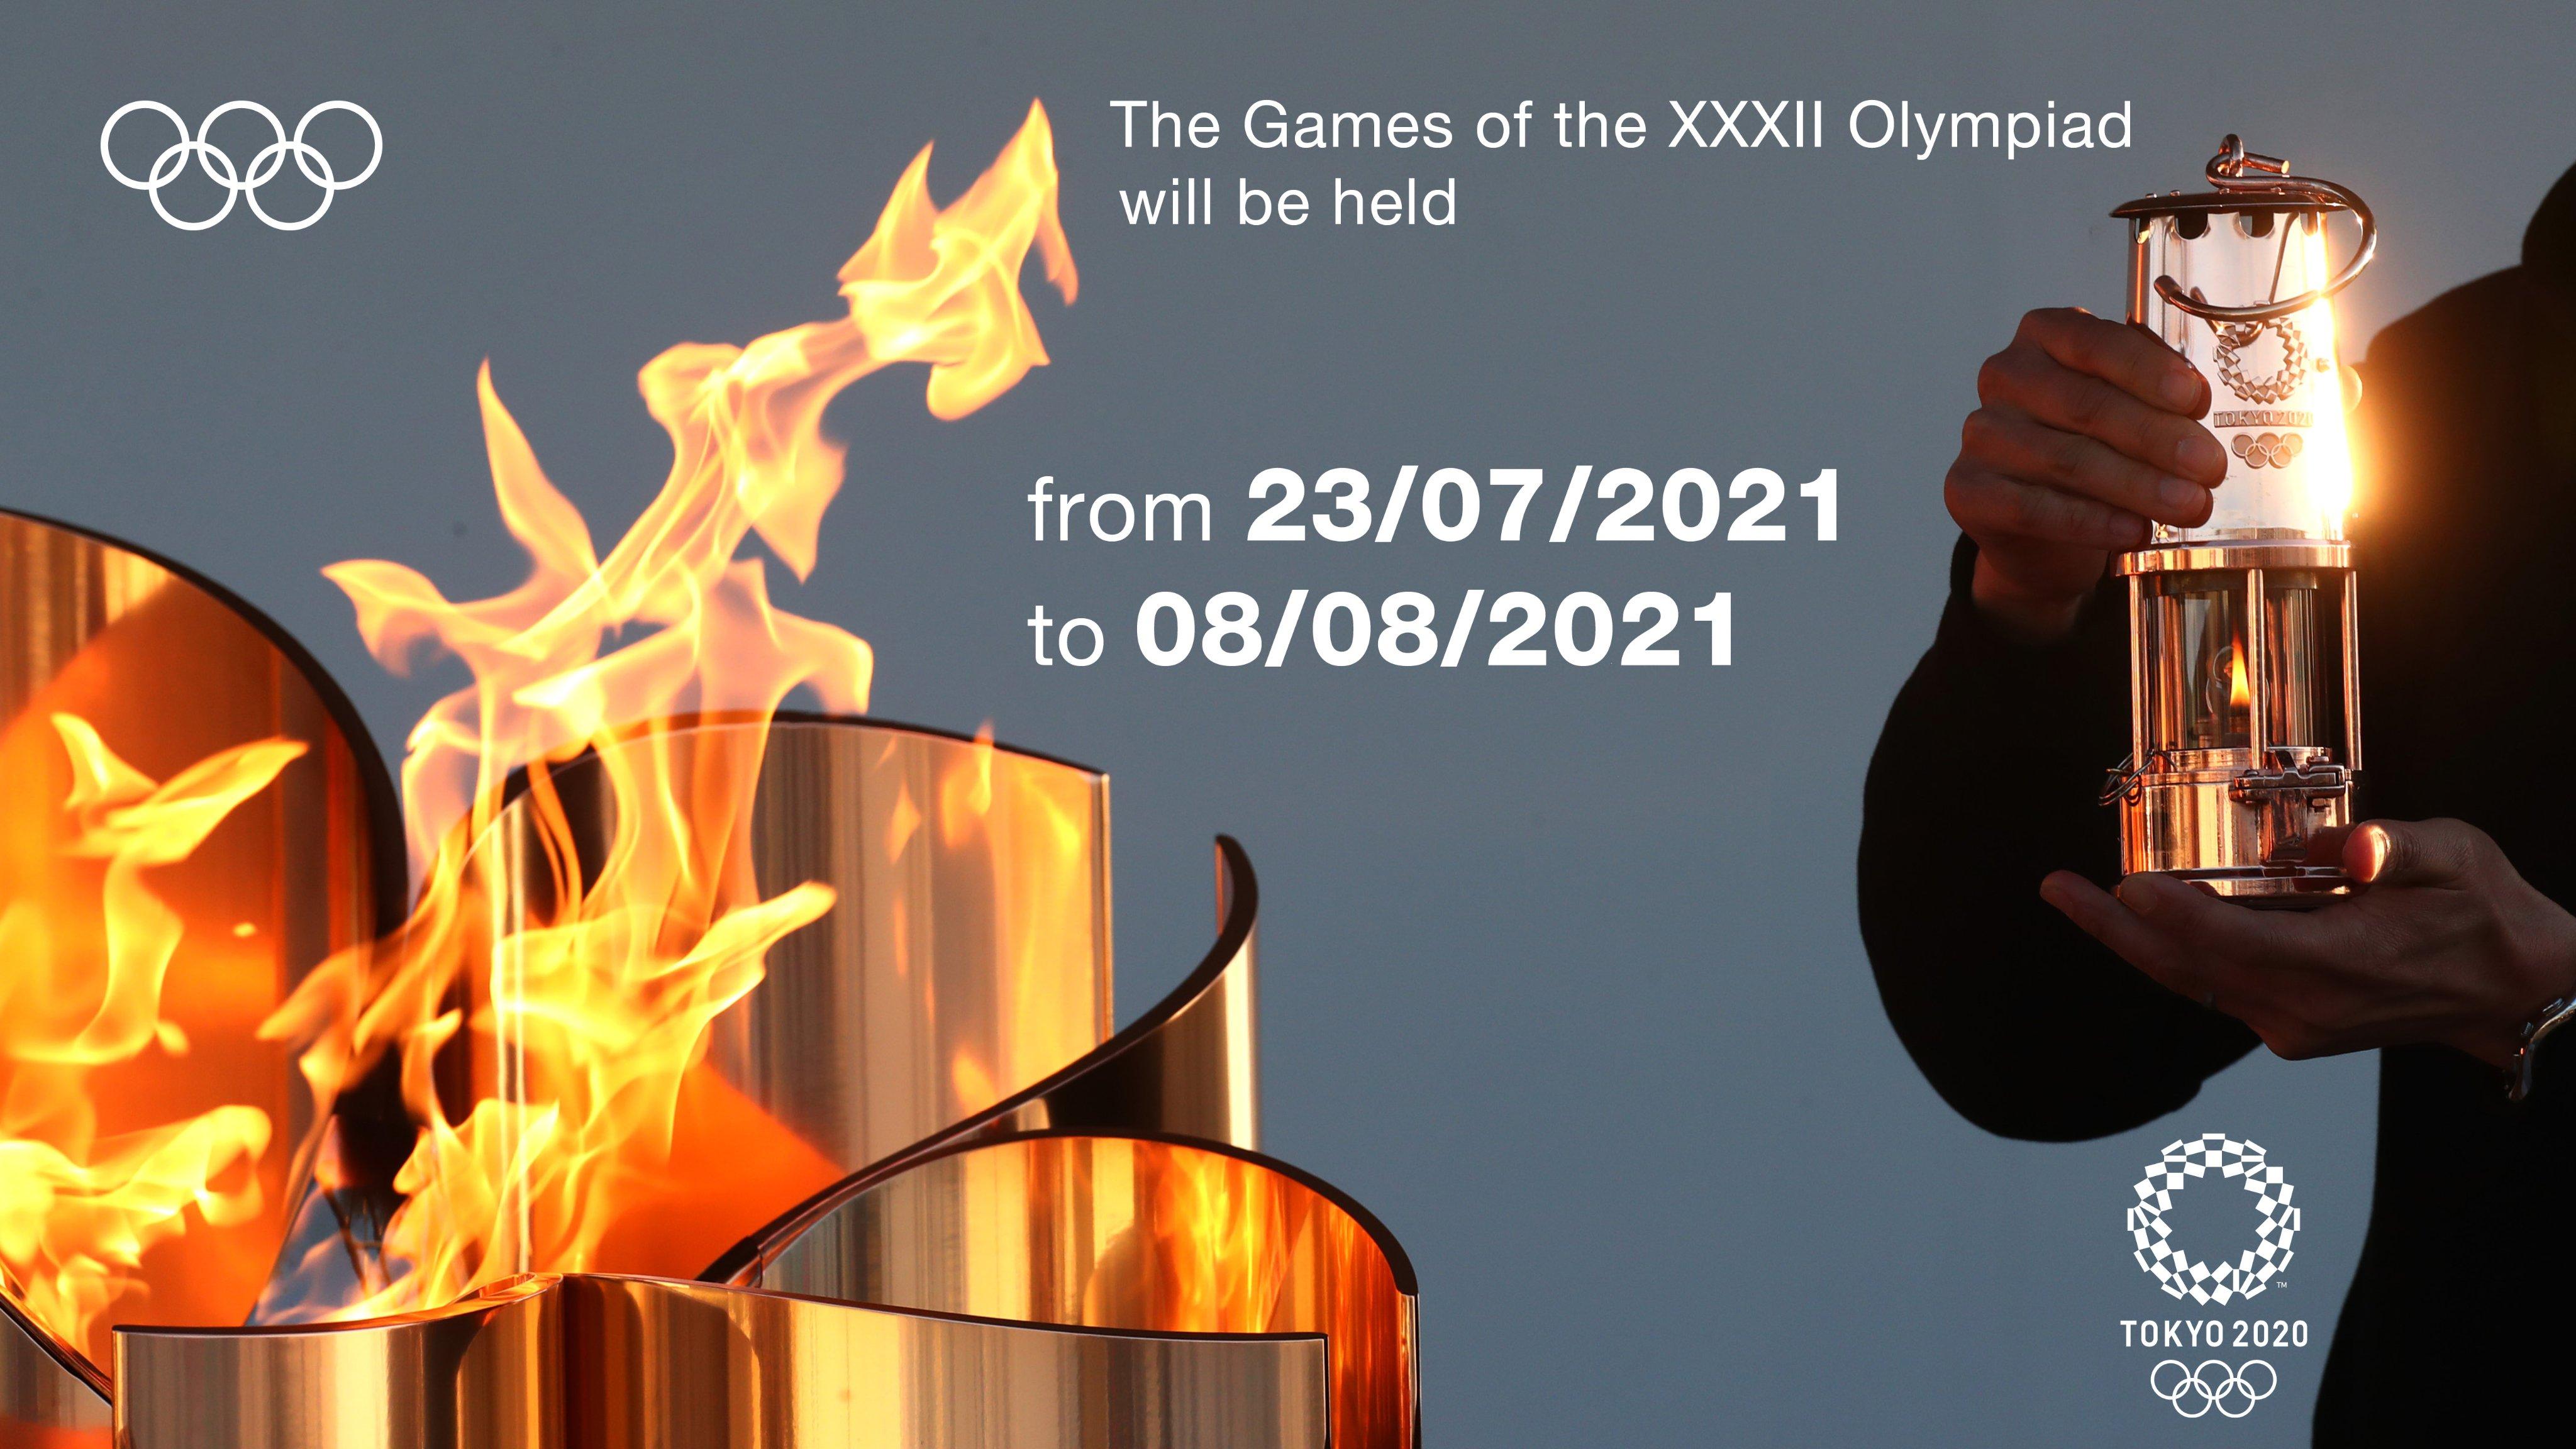 La nueva fecha para los juegos olímpicos